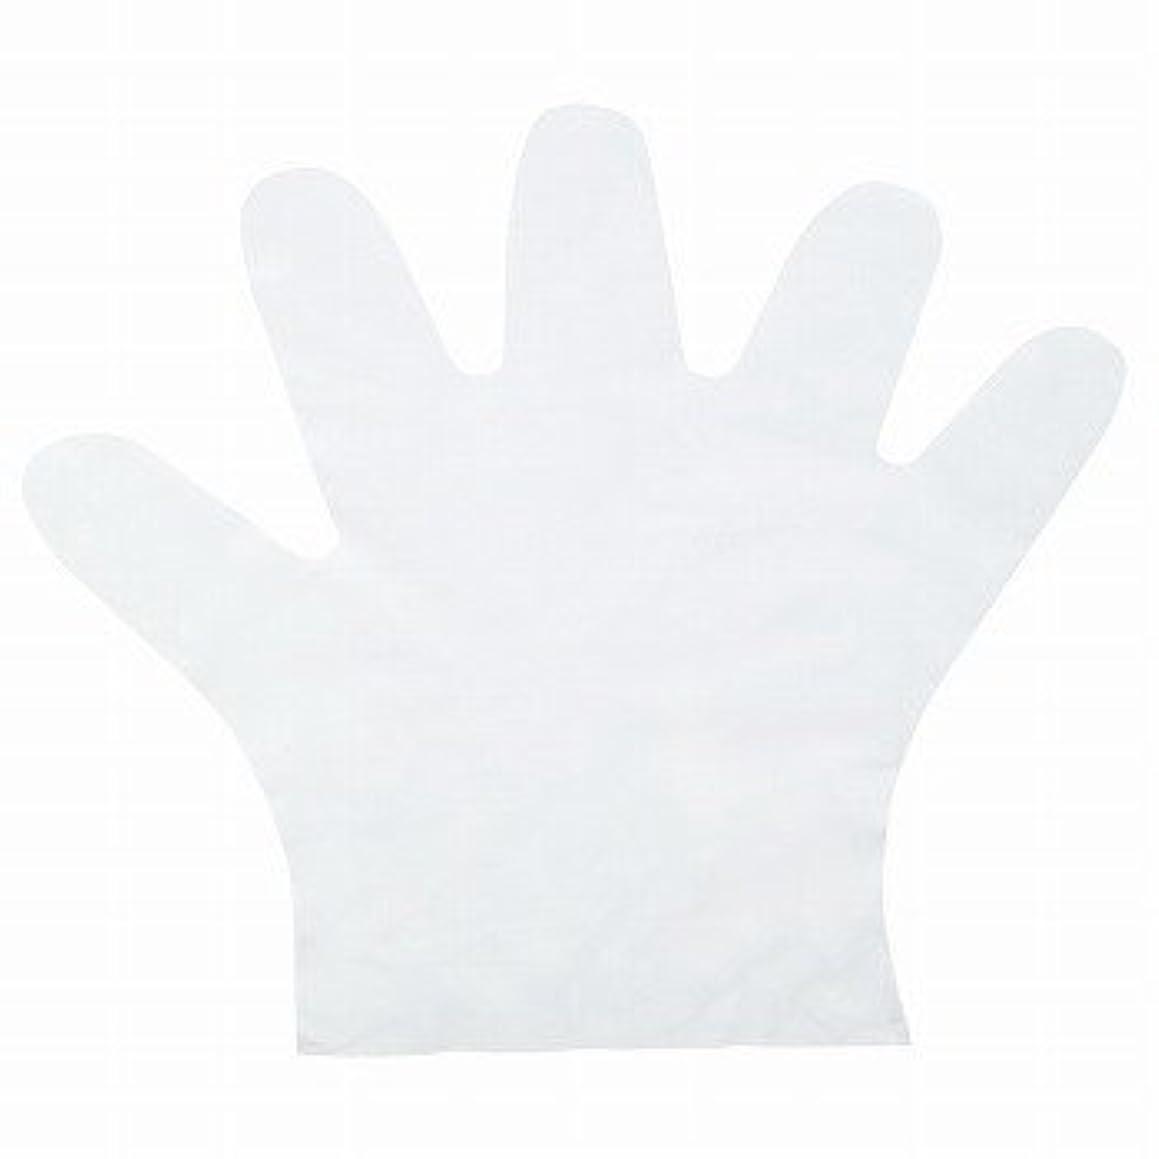 取得するセントマートおたふく手袋/ポリエチディスポ(LD) [100枚入]/品番:248 サイズ:SS